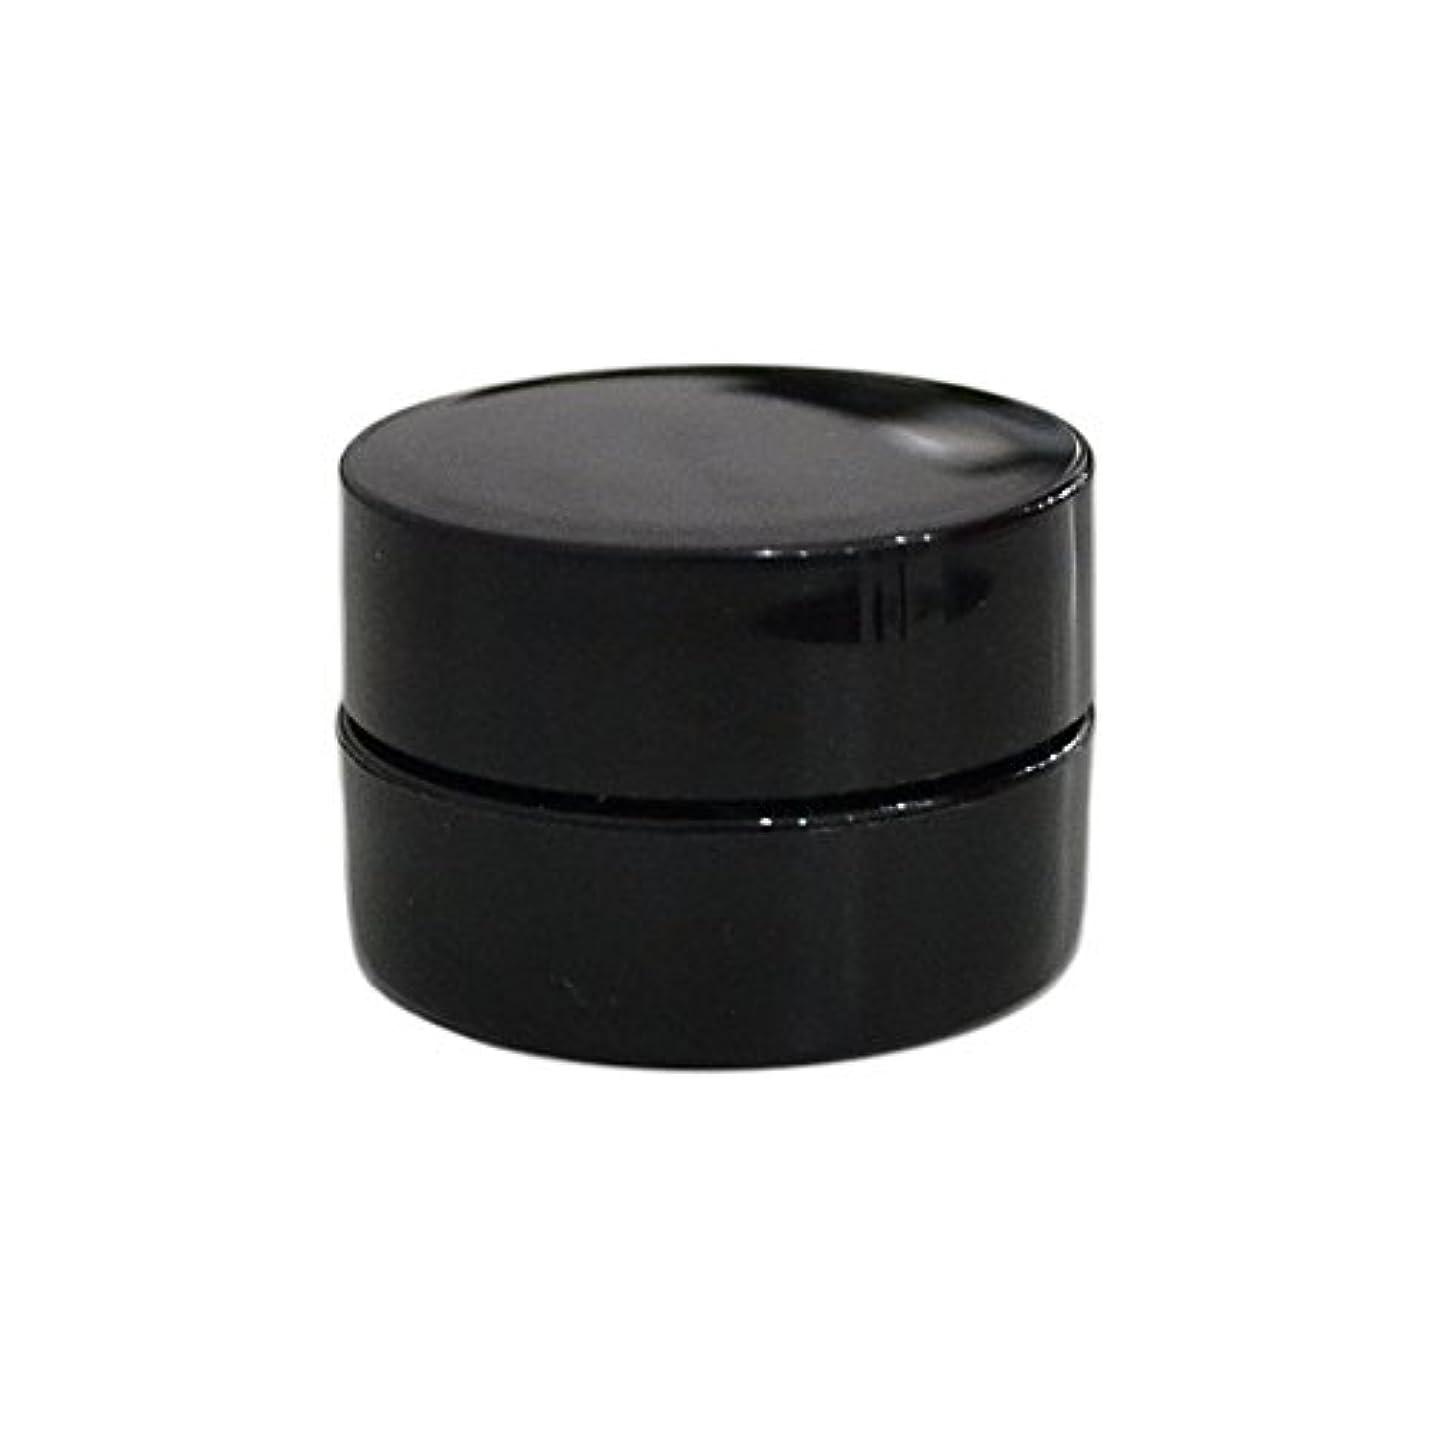 中古心のこもった実験室純国産ネイルジェルコンテナ 3g用 GA3g 漏れ防止パッキン&ブラシプレート付容器 ジェルを無駄なく使える底面傾斜あり 遮光 黒 ブラック